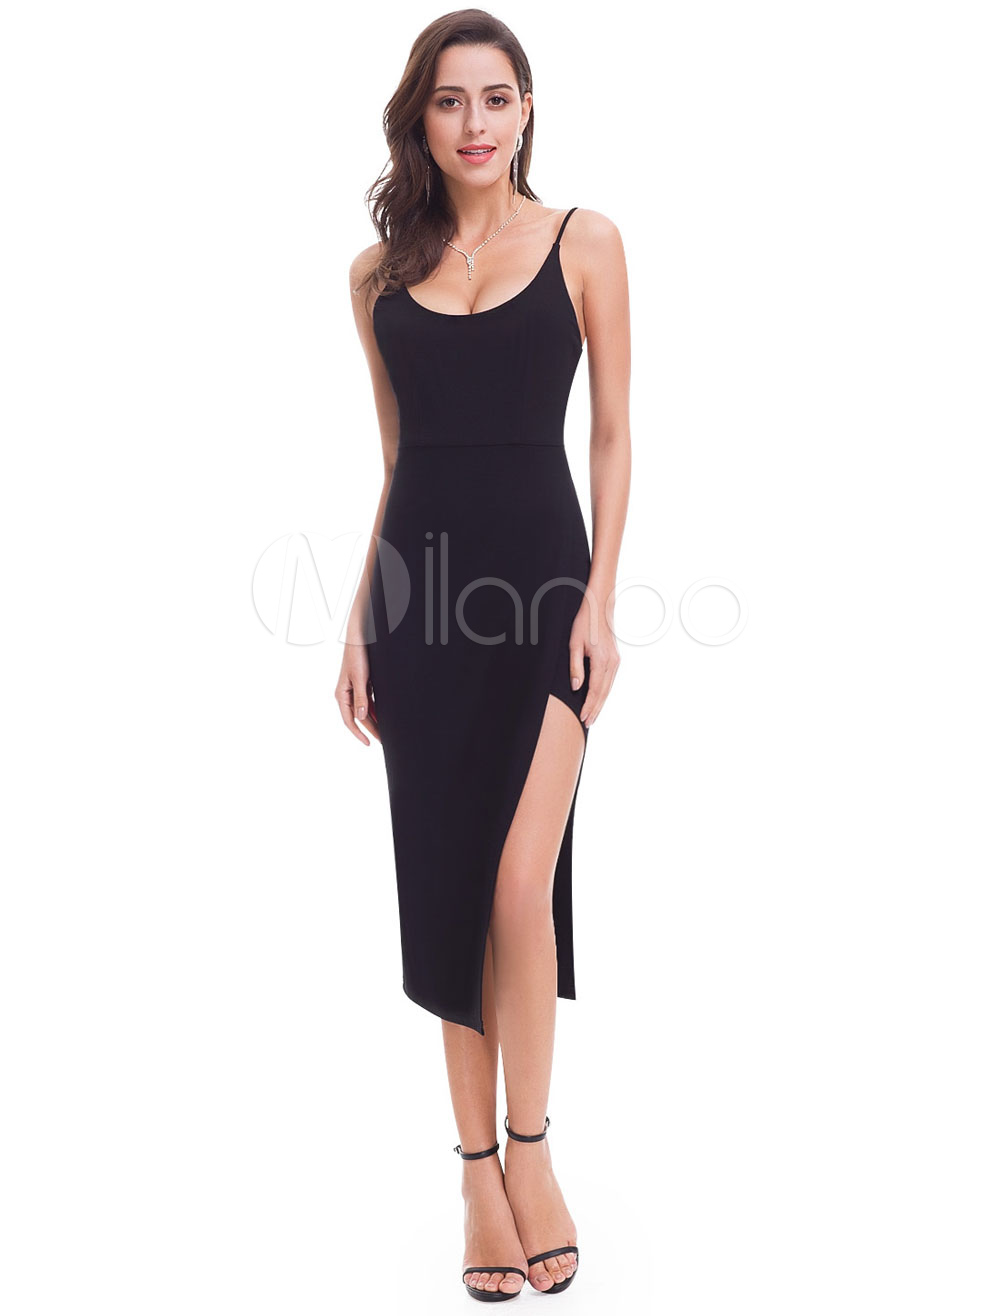 37d8194bf ... Vestido de cóctel de elastano de marca LYCRA negro con tirantes sin  mangas con abertura lateral. 1. -50%. color Negro